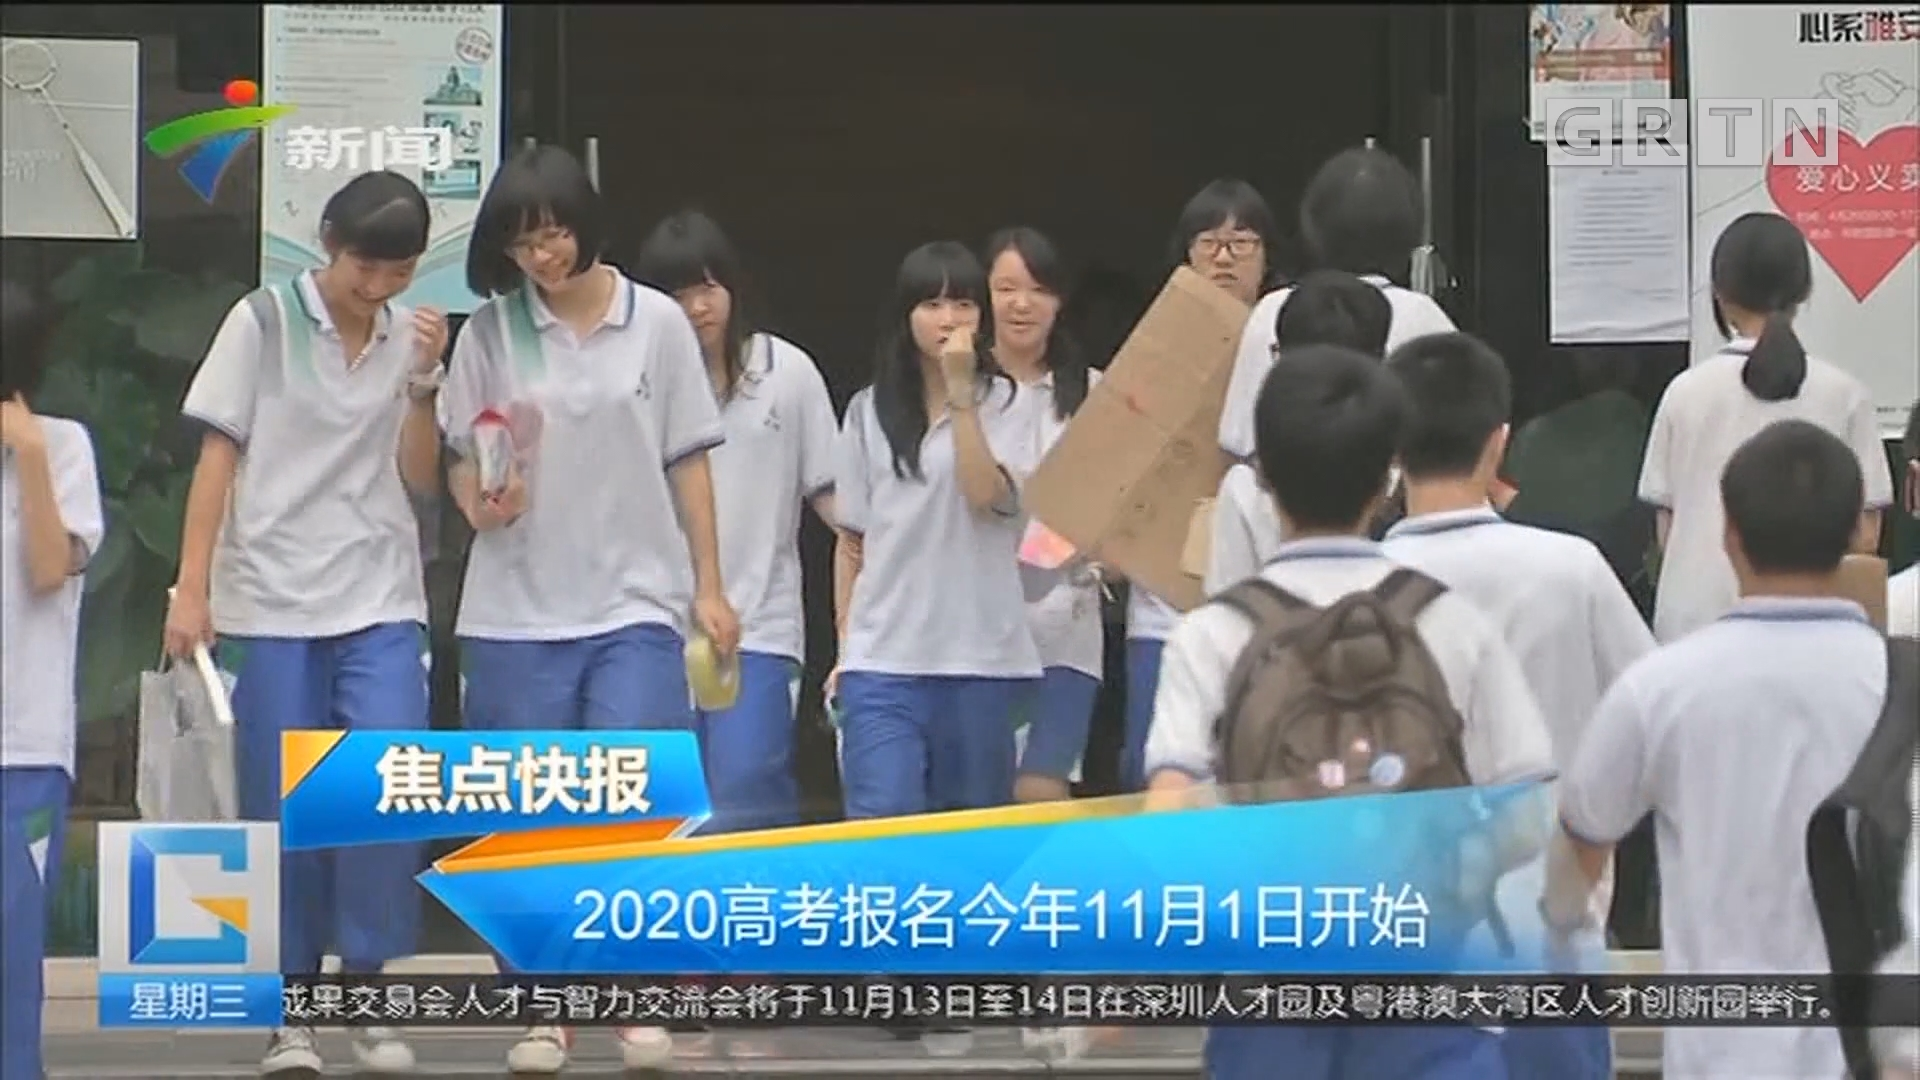 2020高考报名今年11月1日开始